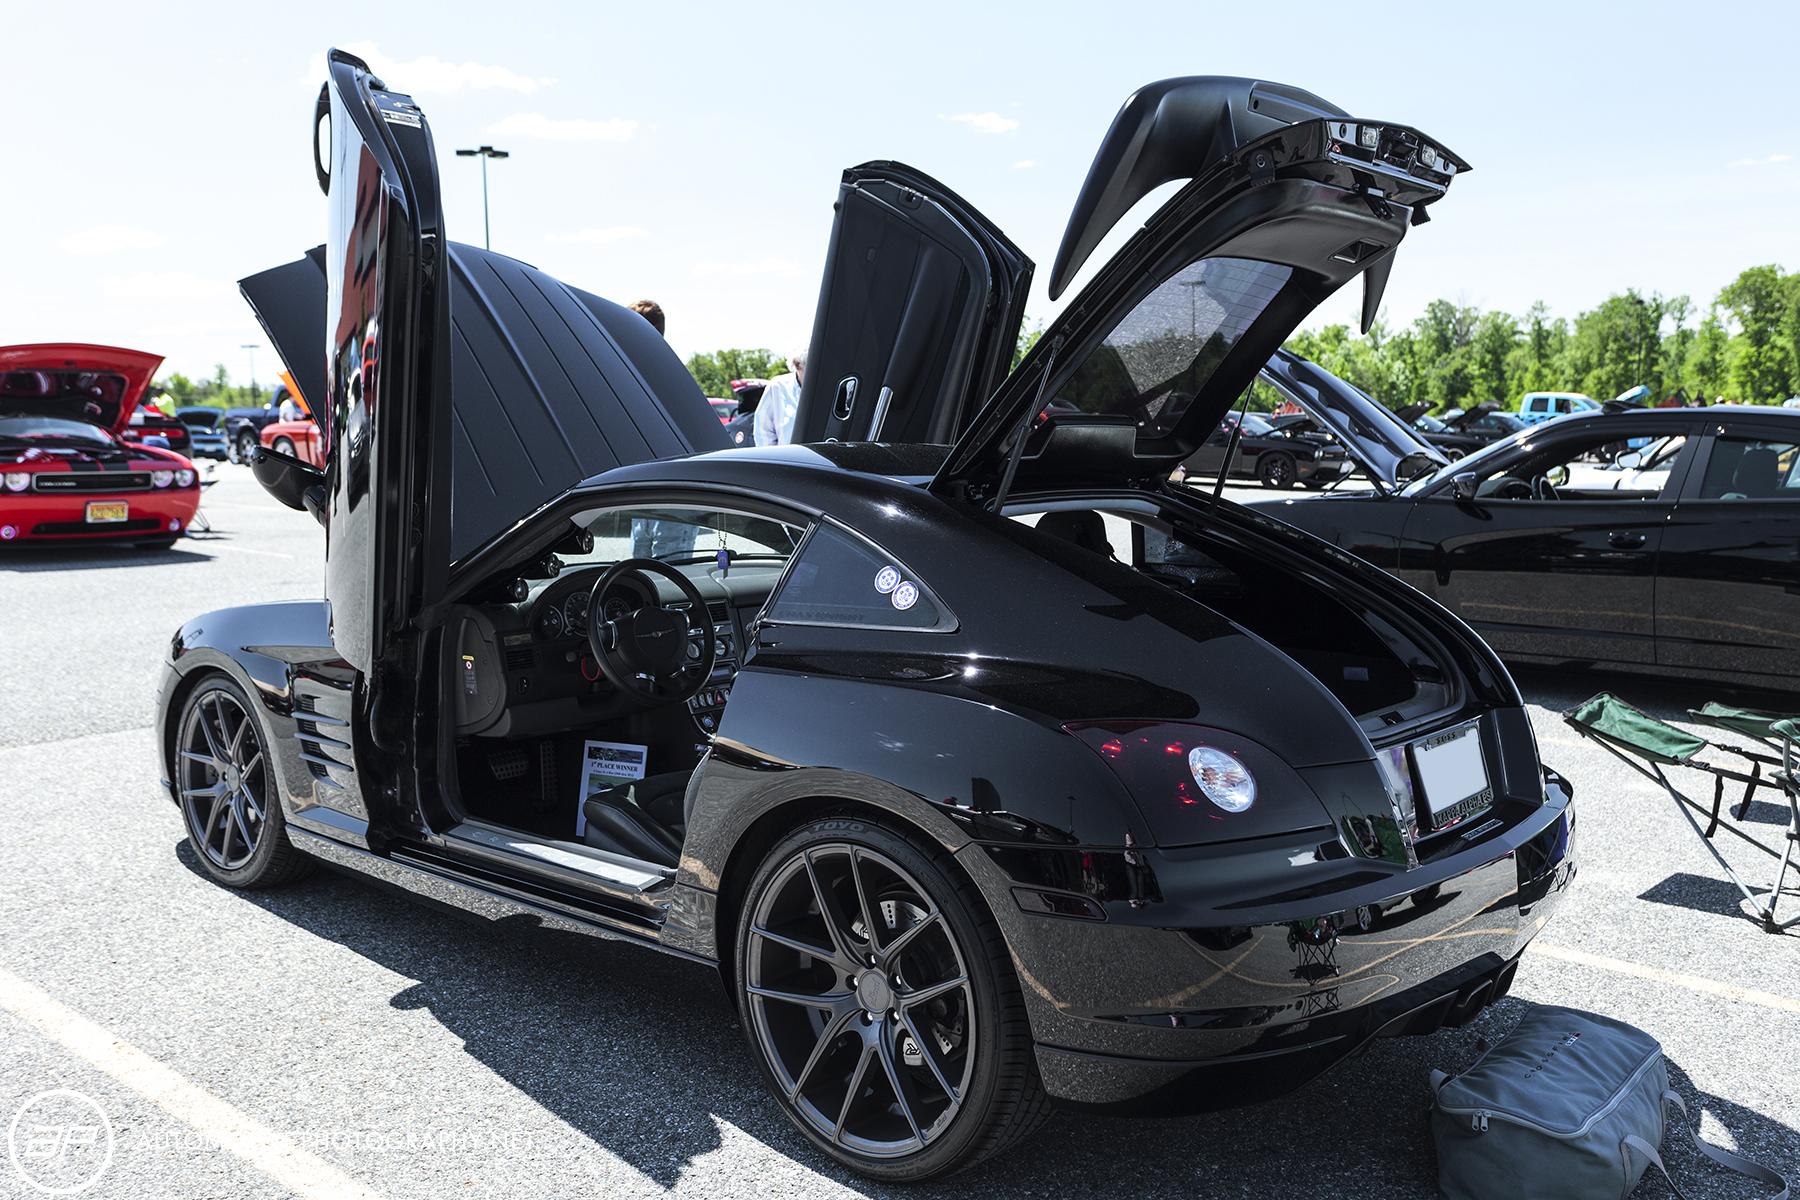 Chrysler Crossfire SRT 6 Coupe Black Custom